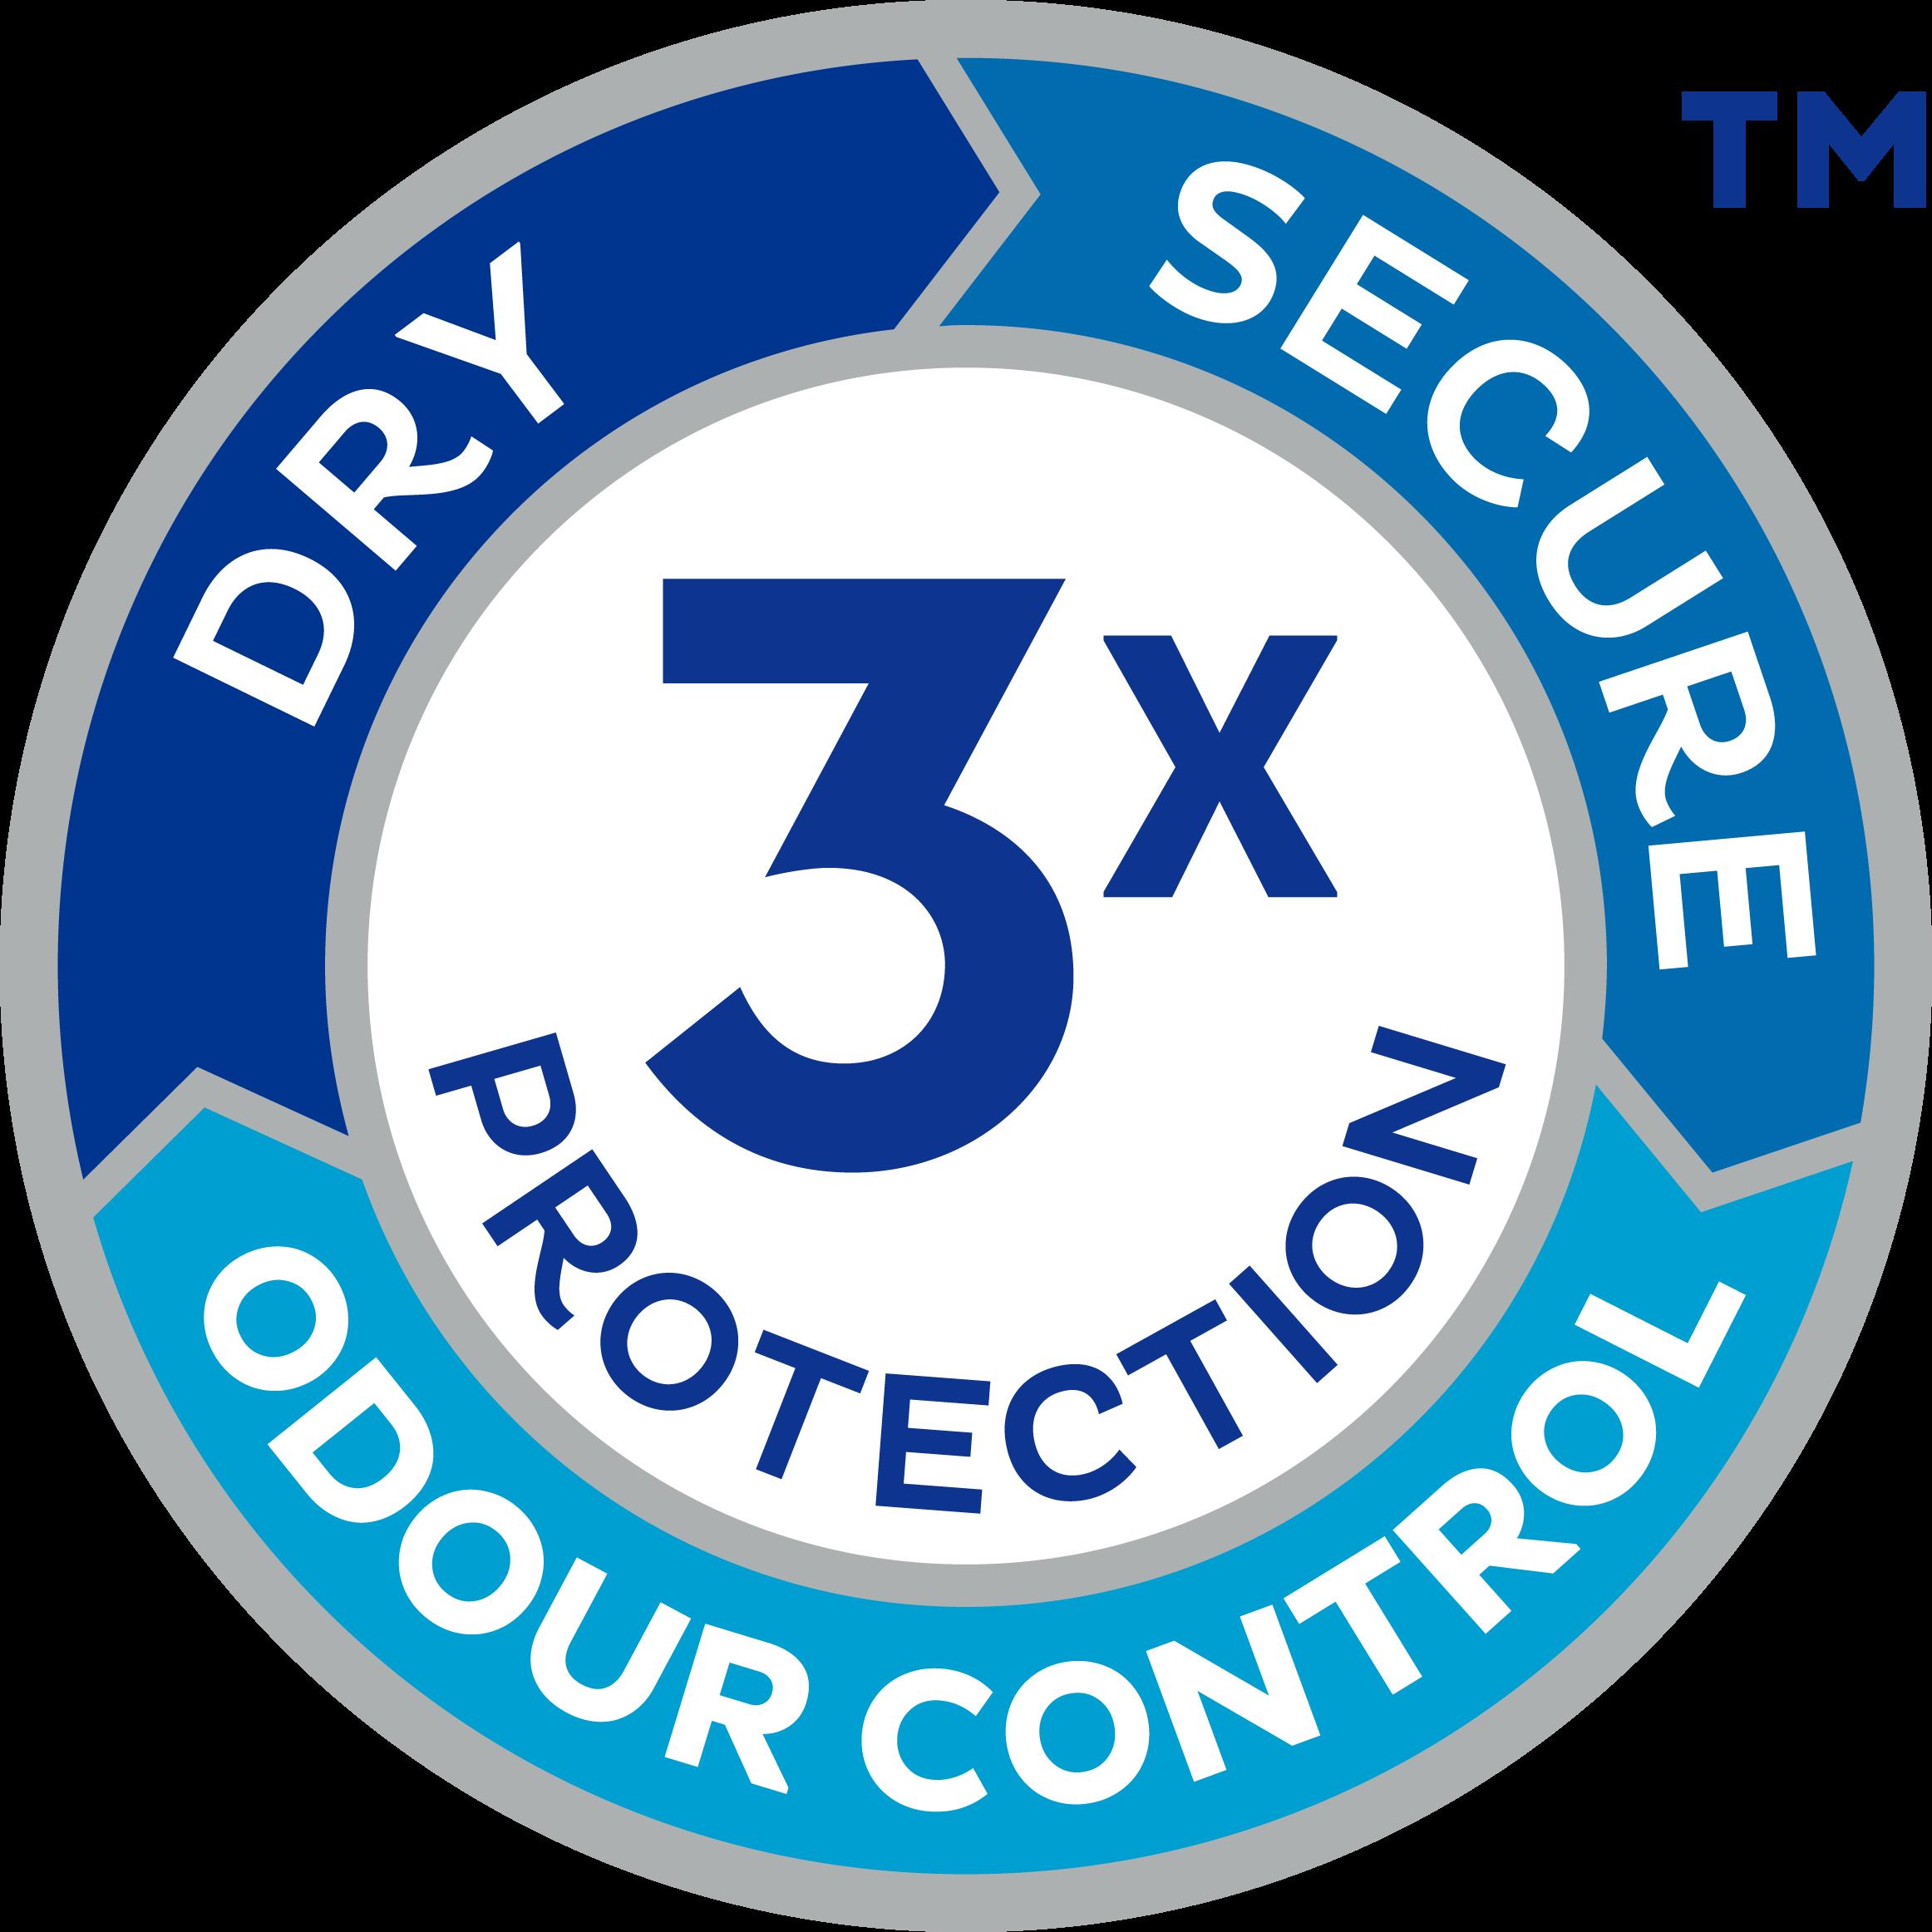 TENA byxskydd med trippelt skydd mot urinläckage för en torr och mjuk känsla som bevarar naturlig hudhälsa